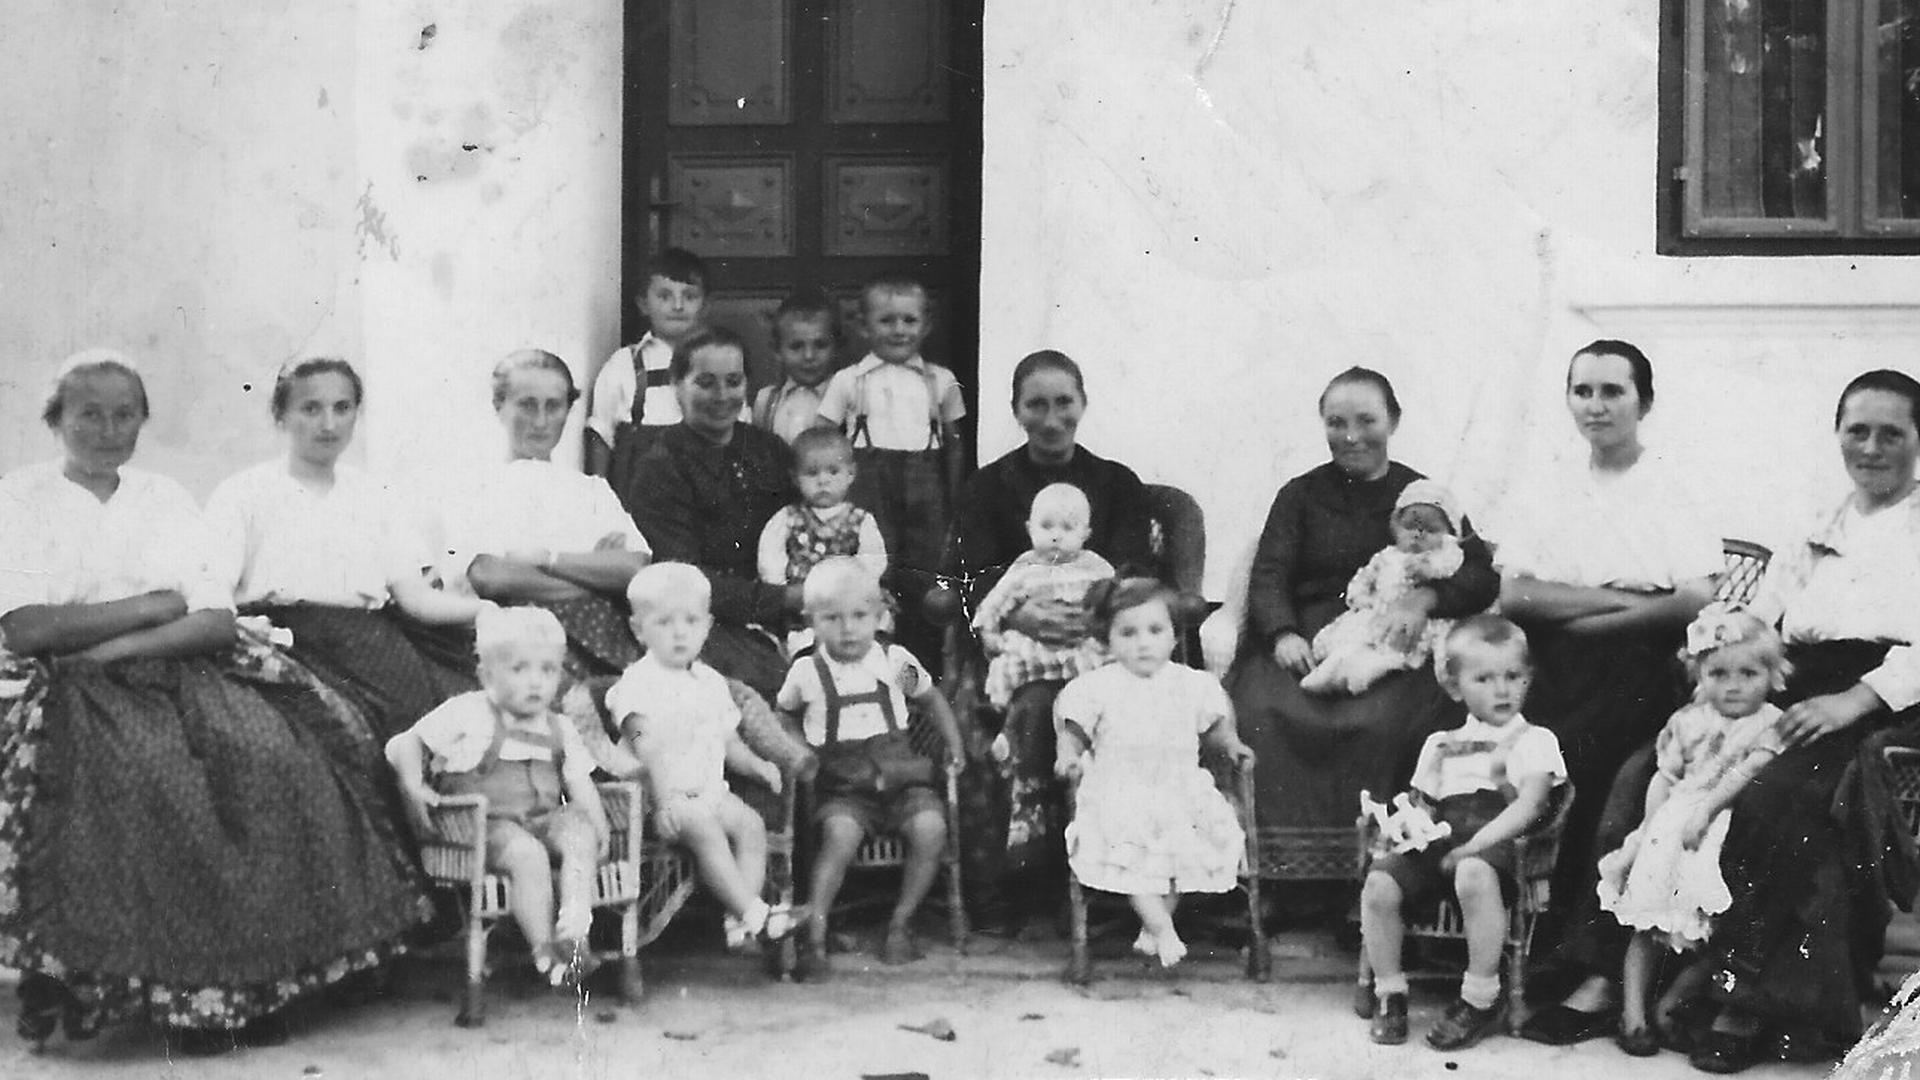 Nachbarsfrauen-Treff in der Klostergasse am Sonntagnachmittag 1940/41. Foto: Archiv Freundeskreis Filipowa